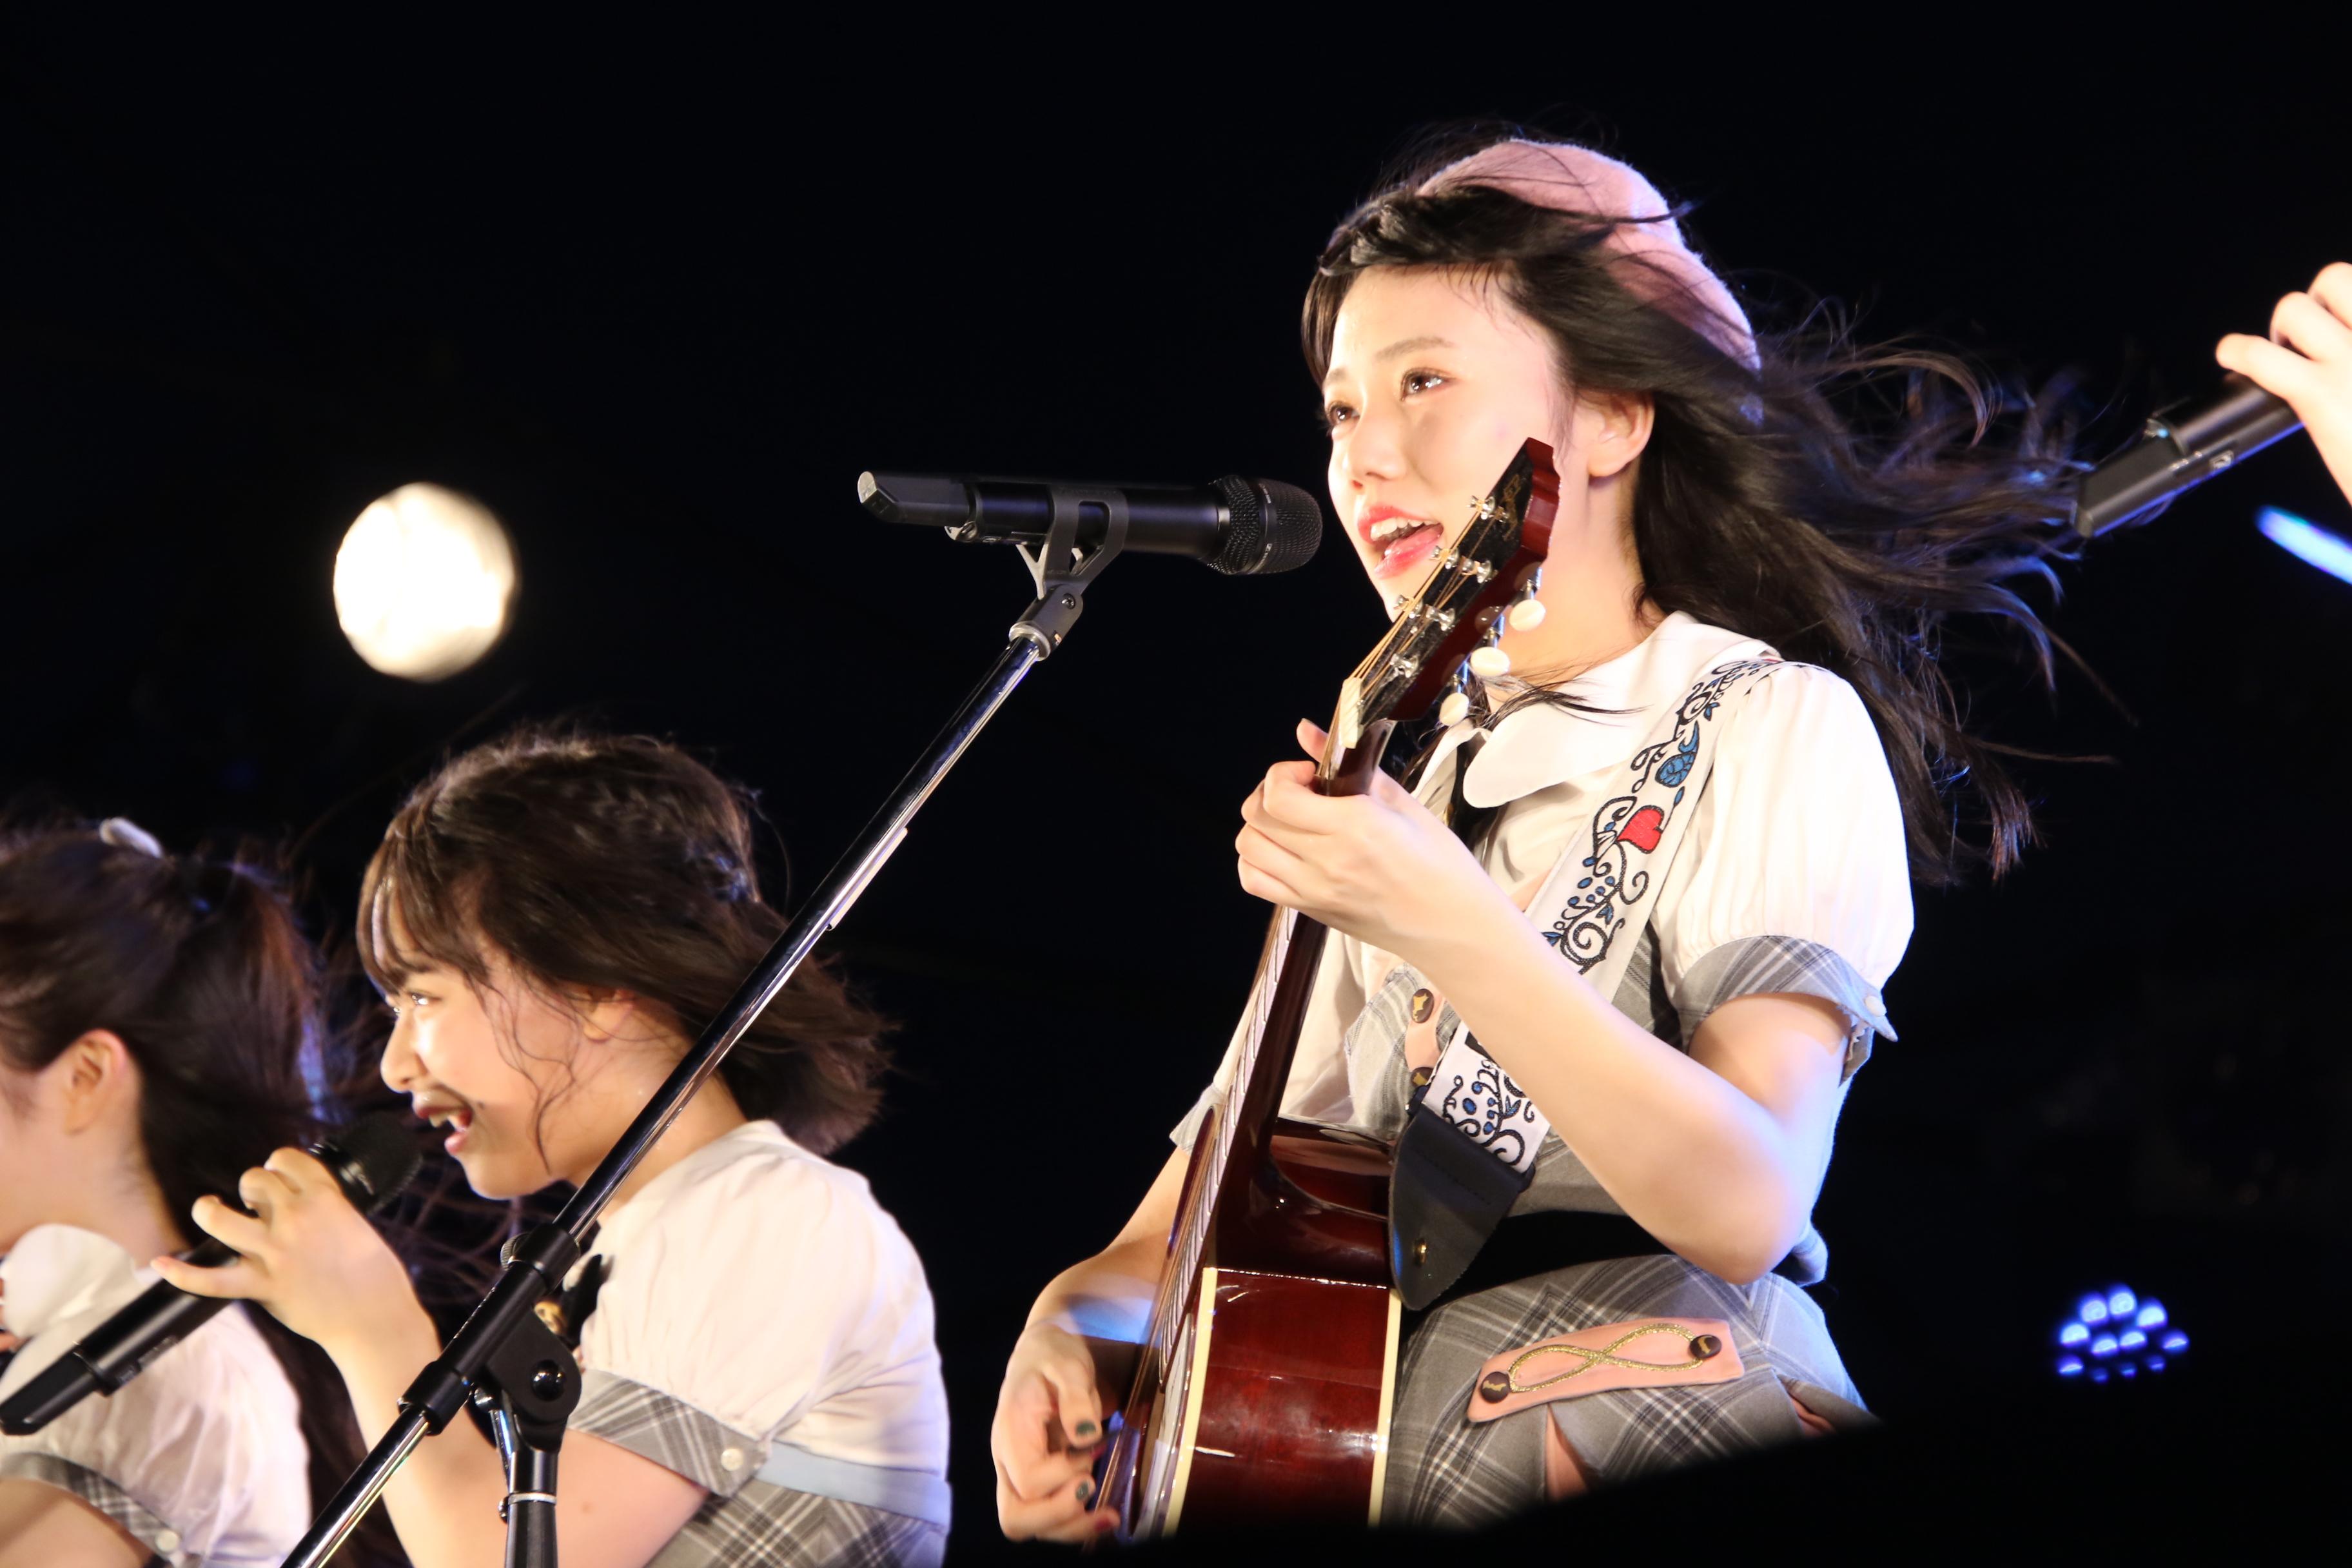 長久玲奈(福井)のギターで「365日の紙飛行機」を熱唱